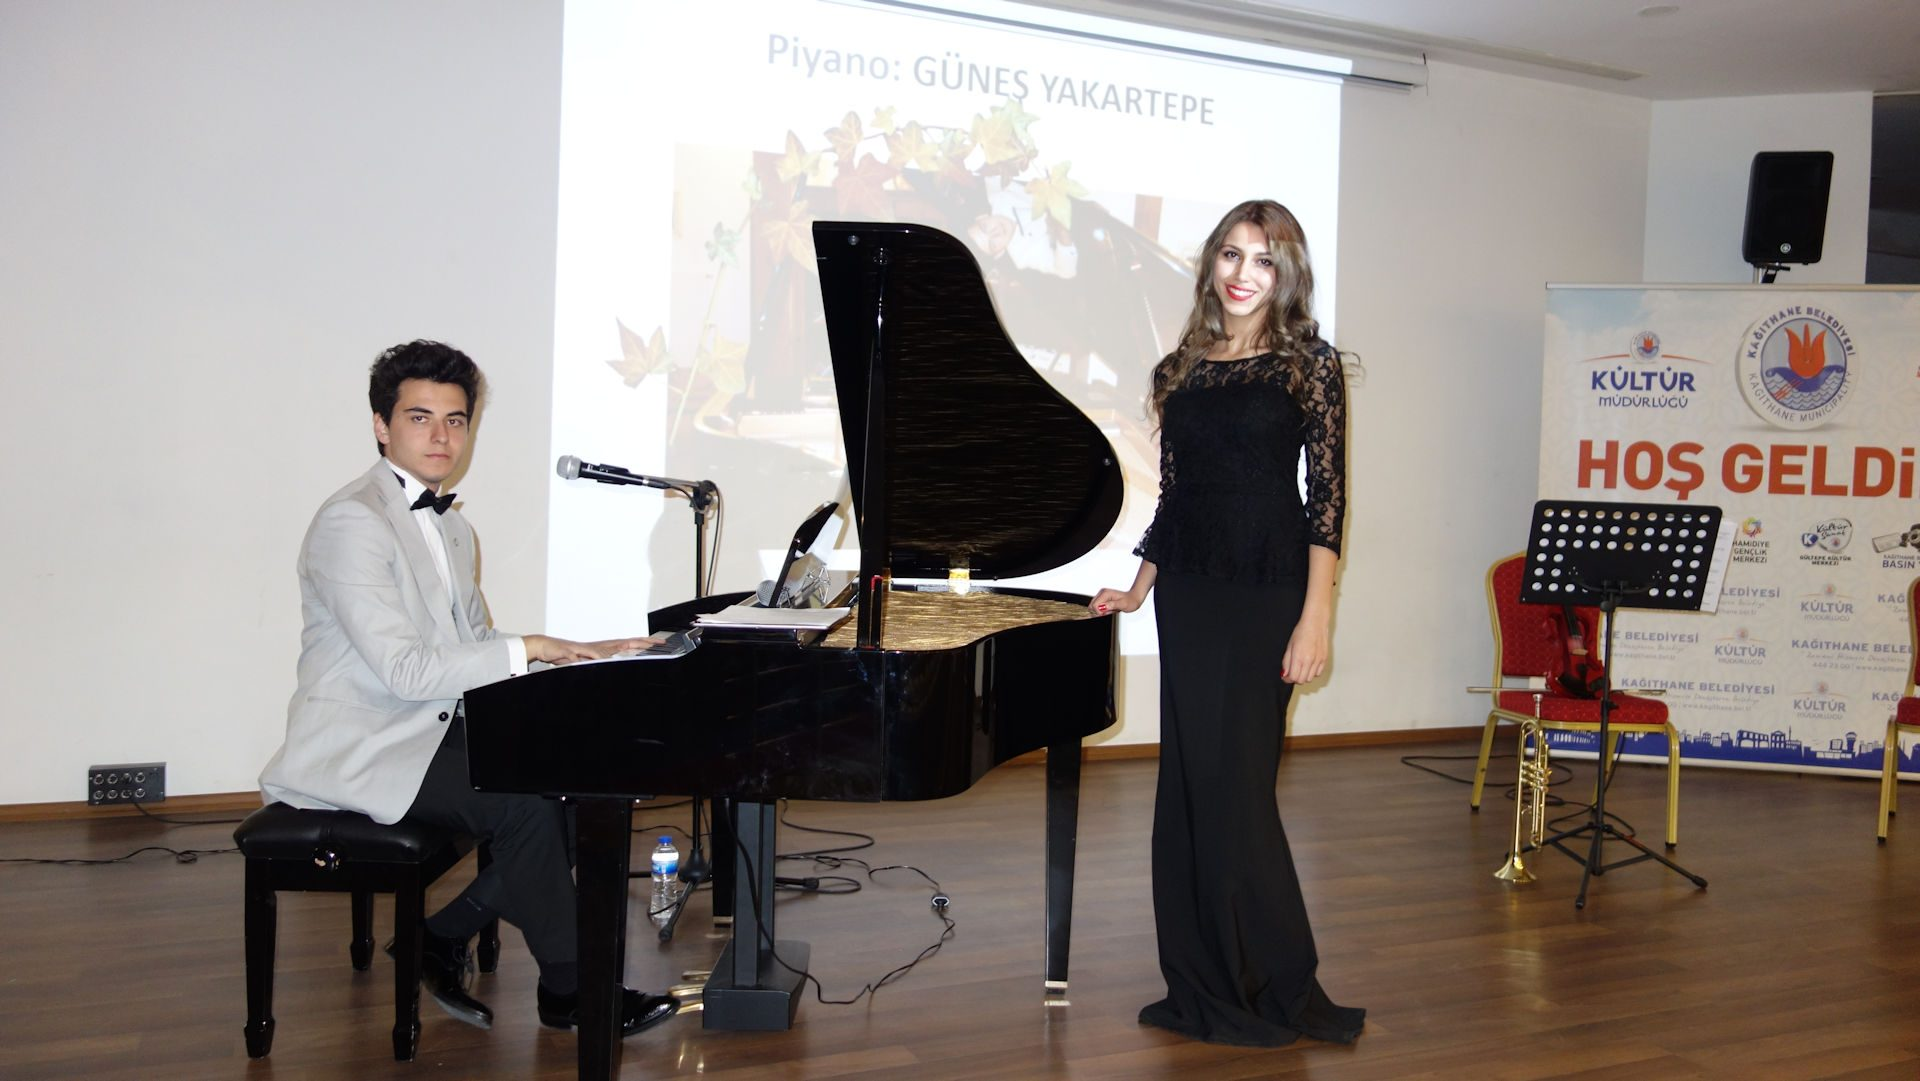 Genç Şair Bestekar Güneş Yakartepe 2017 En Yeni Son Besteleri Şarkıları, Türküleri, Marşları Piyano Konseri Türk Sanat Müzik İTÜ Konservatuvarı Kompozisyon